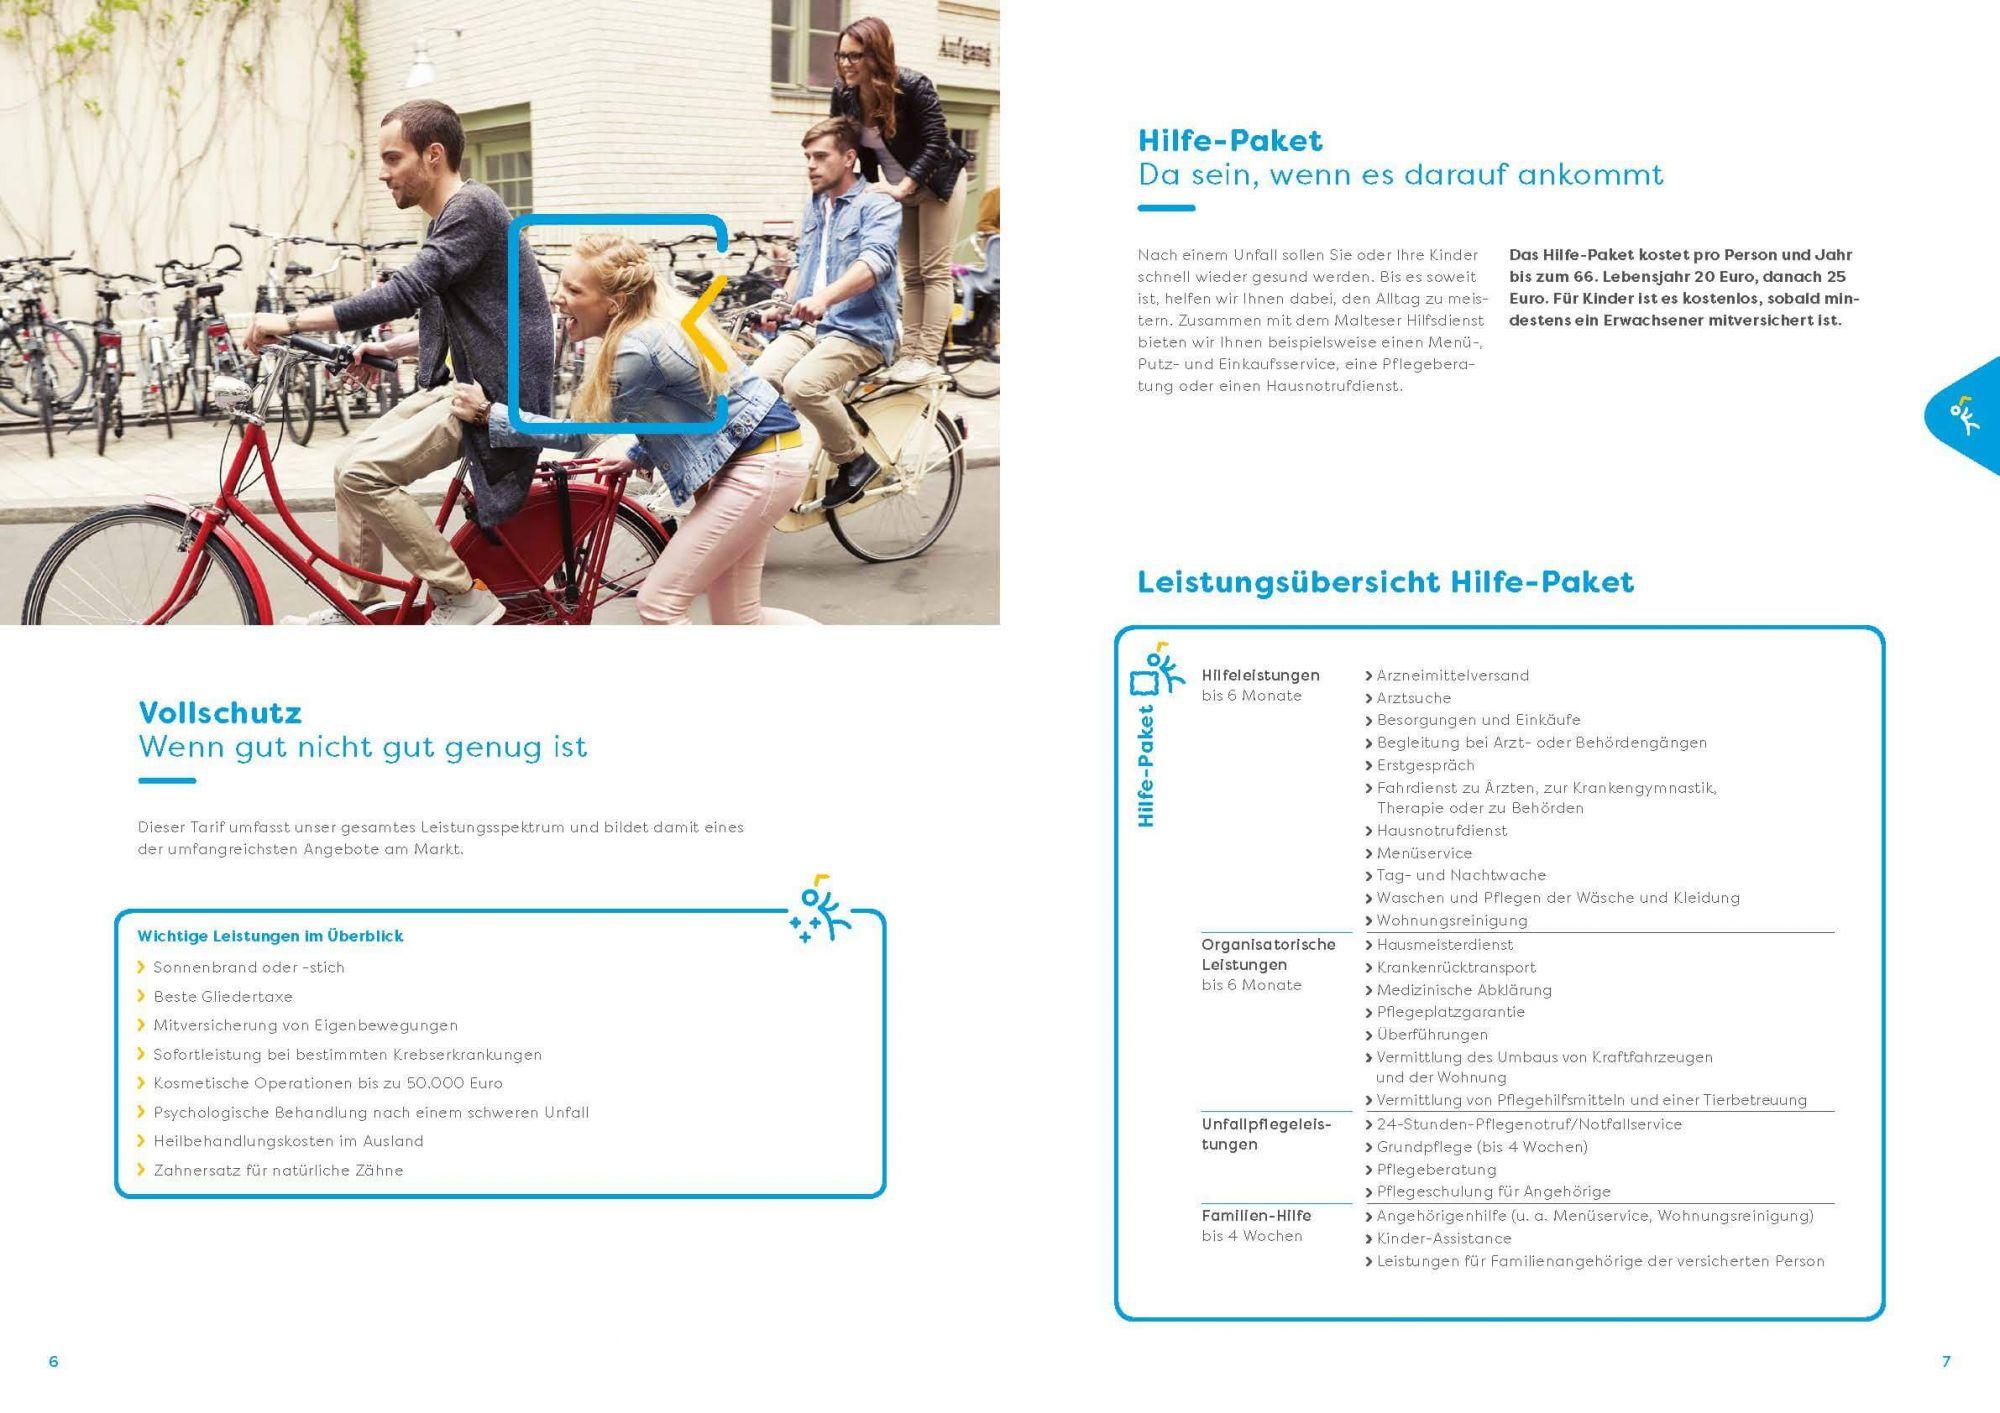 Haftpflichtkasse Unfall, Hilfepaket, Unfallversicherung, Stuttgart, Filderstadt